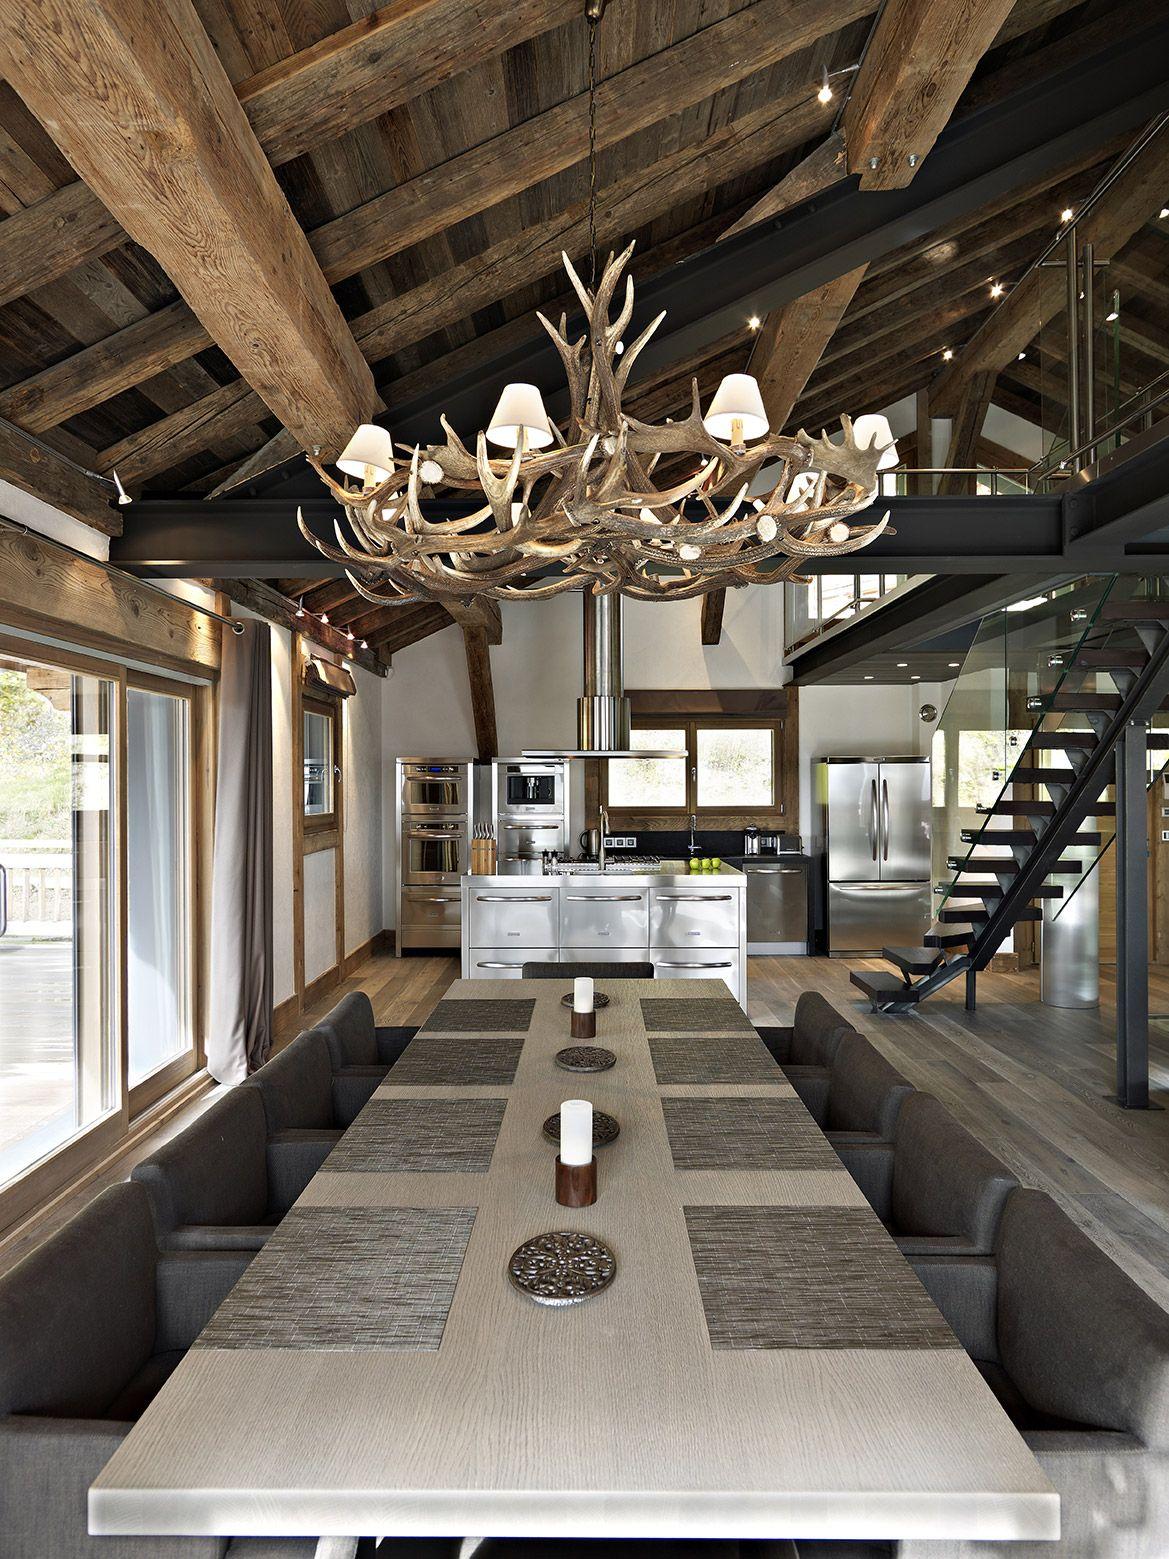 cuisine m tal alu moderne lustre en bois grande table. Black Bedroom Furniture Sets. Home Design Ideas